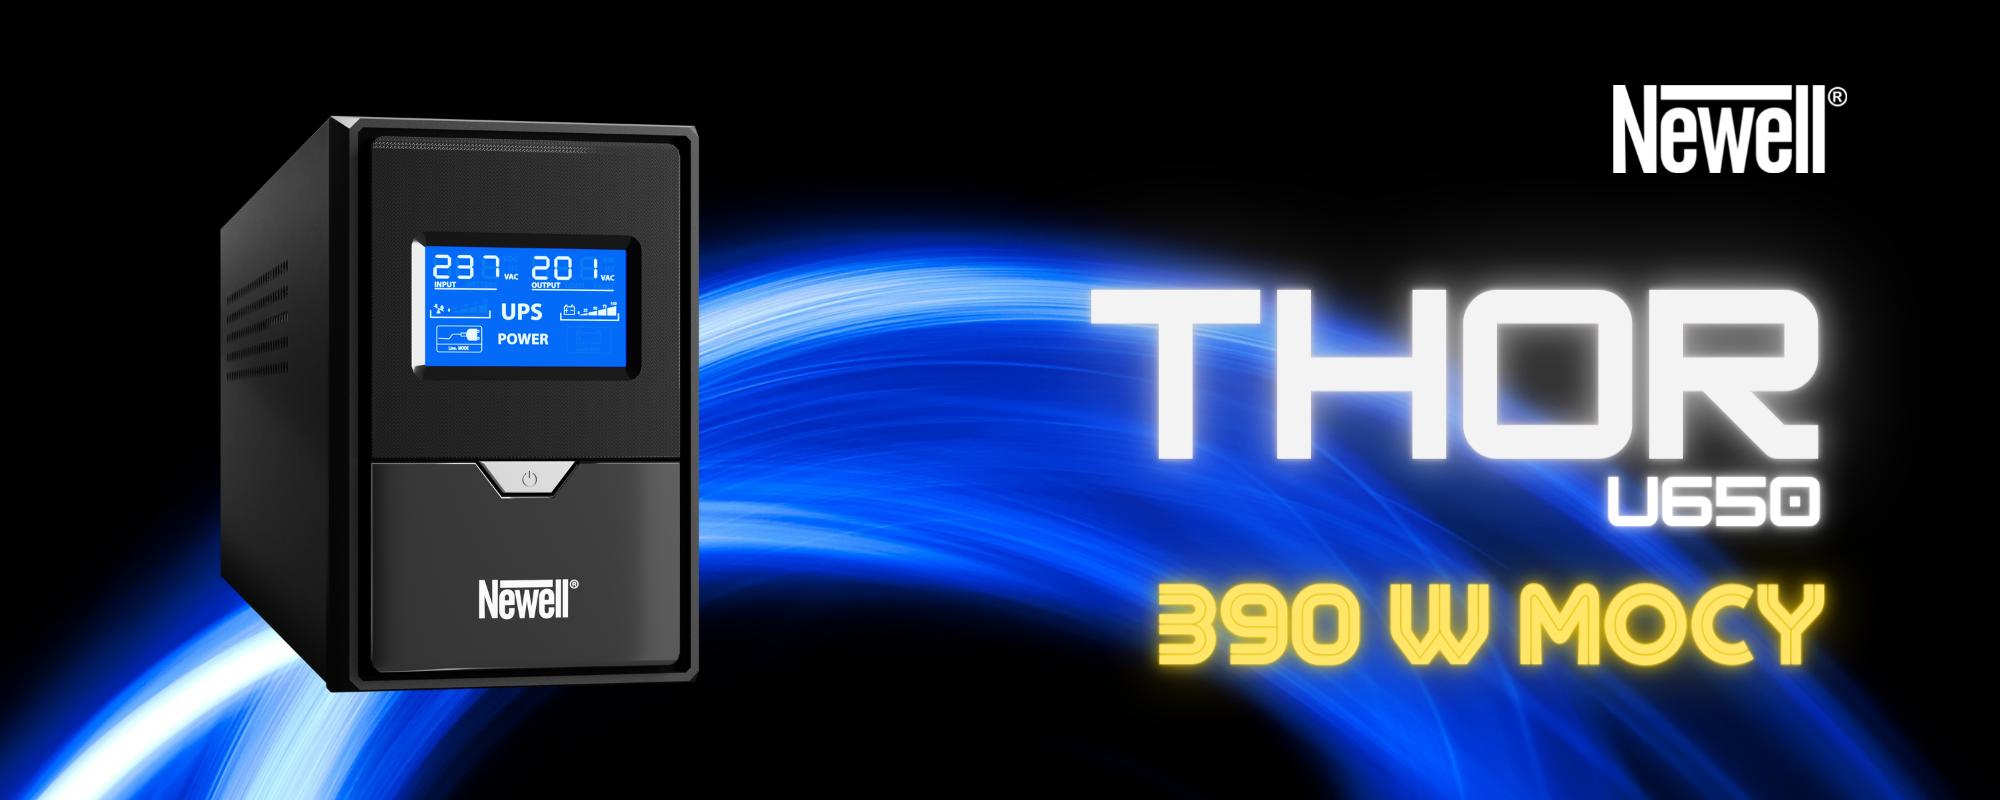 Zasilacz awaryjny UPS Newell Thor U650